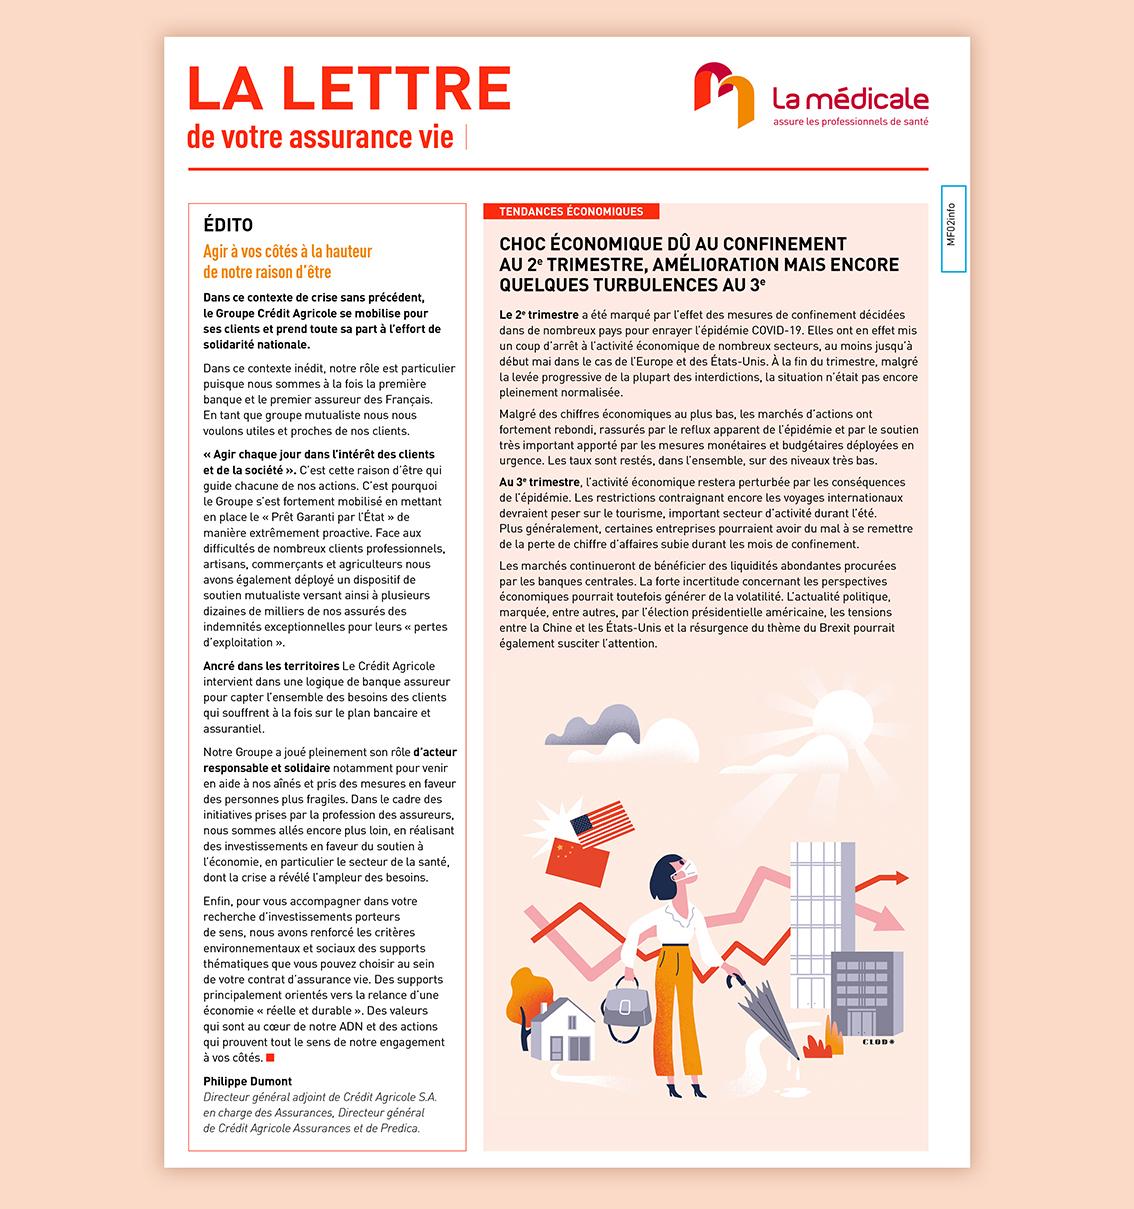 Clod illustration pour la lettre La Médicale, assurance pour les professionnels de santé (groupe Crédit Agricole)